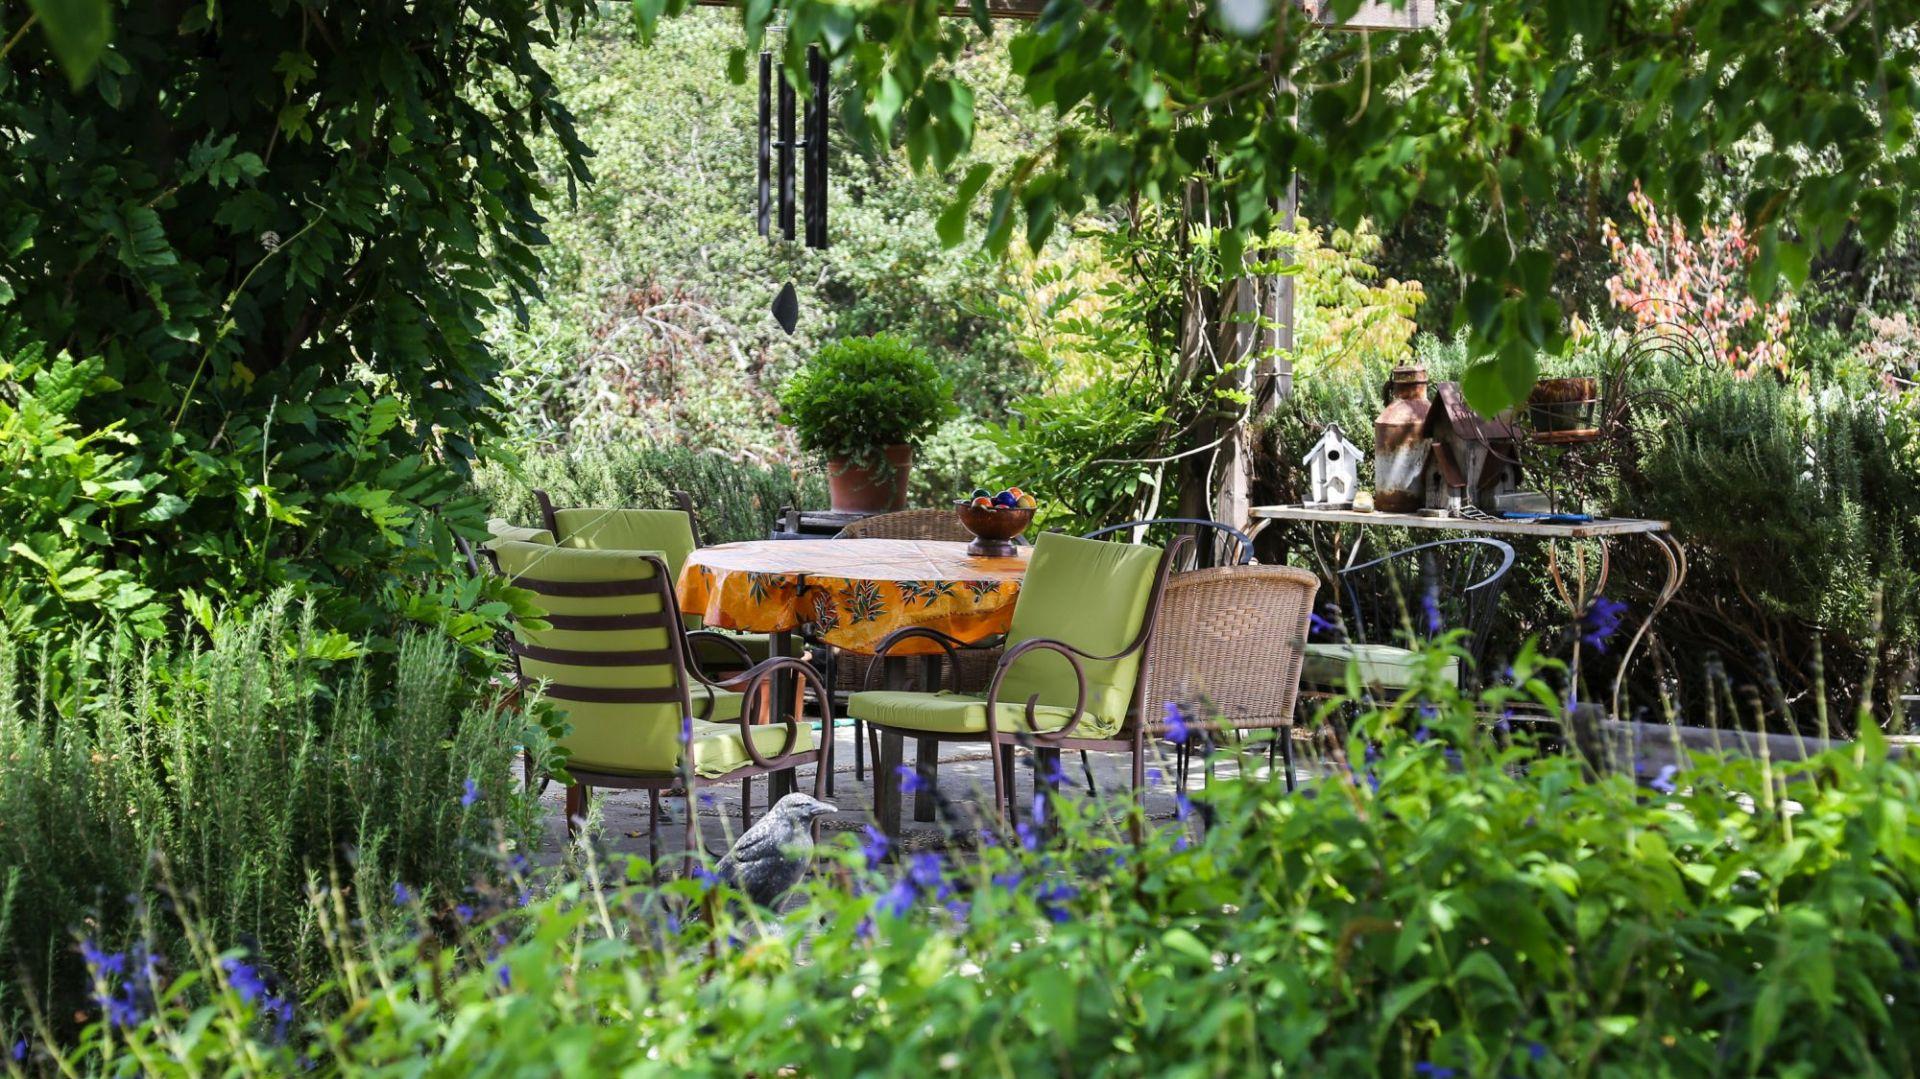 Polskie ogrody - zobacz jak je urządzono. Fot. freerangestock.com